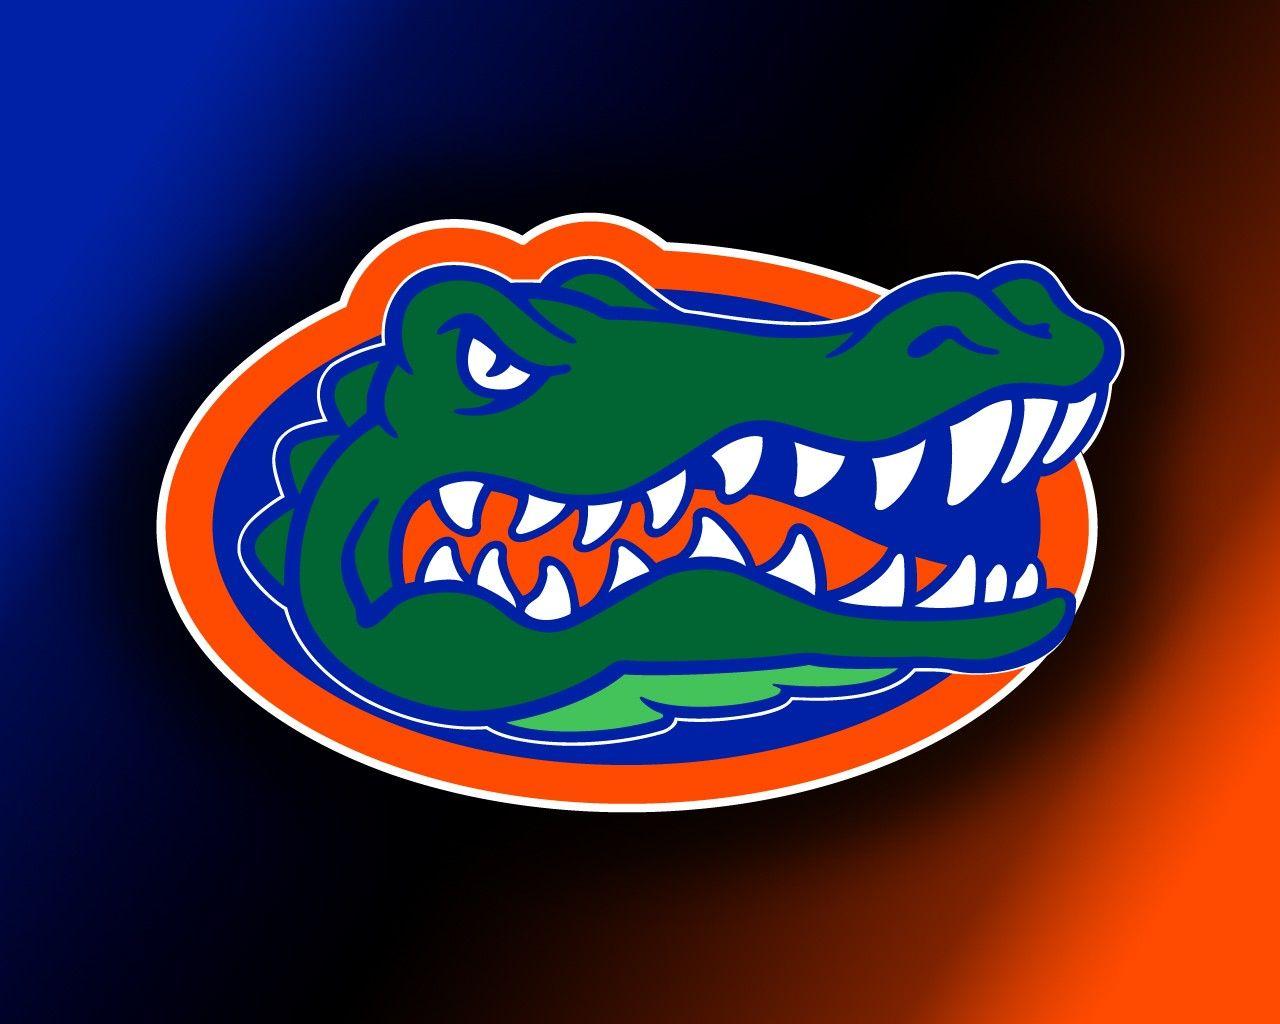 Free Florida Gator Wallpaper.